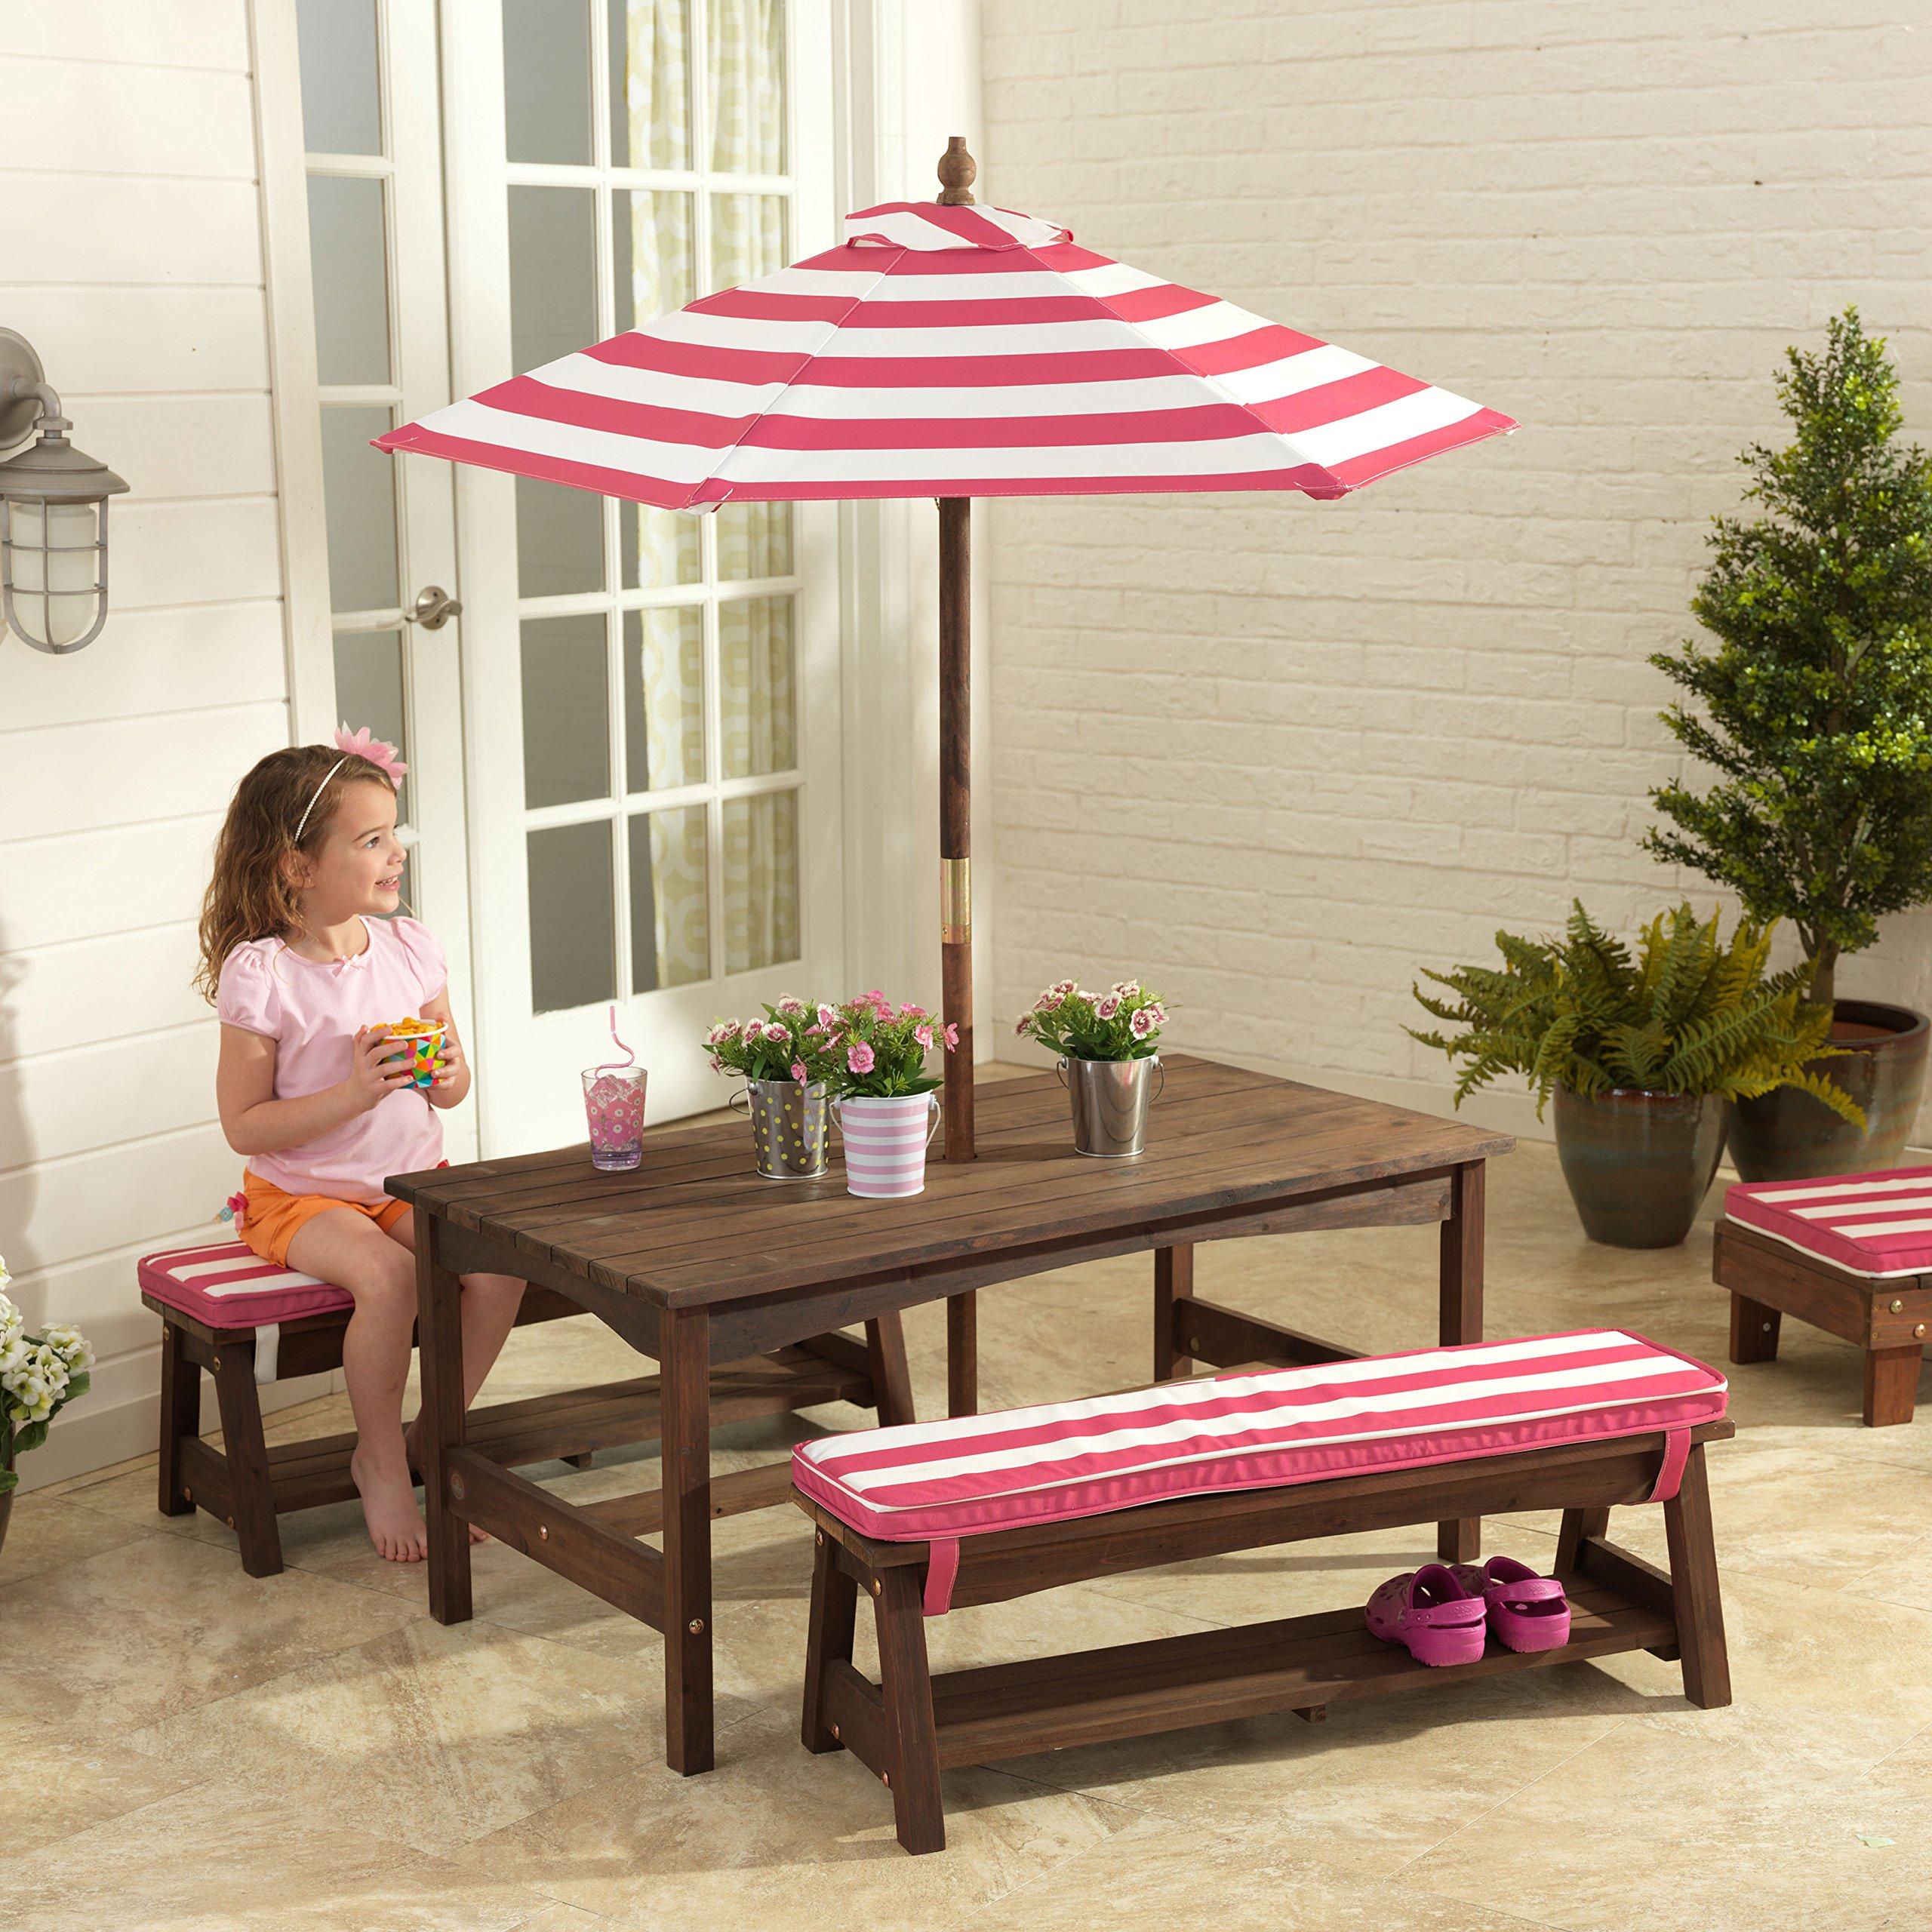 KidKraft Table, Bench Set Pink & White Outdoor Furniture by KidKraft (Image #2)